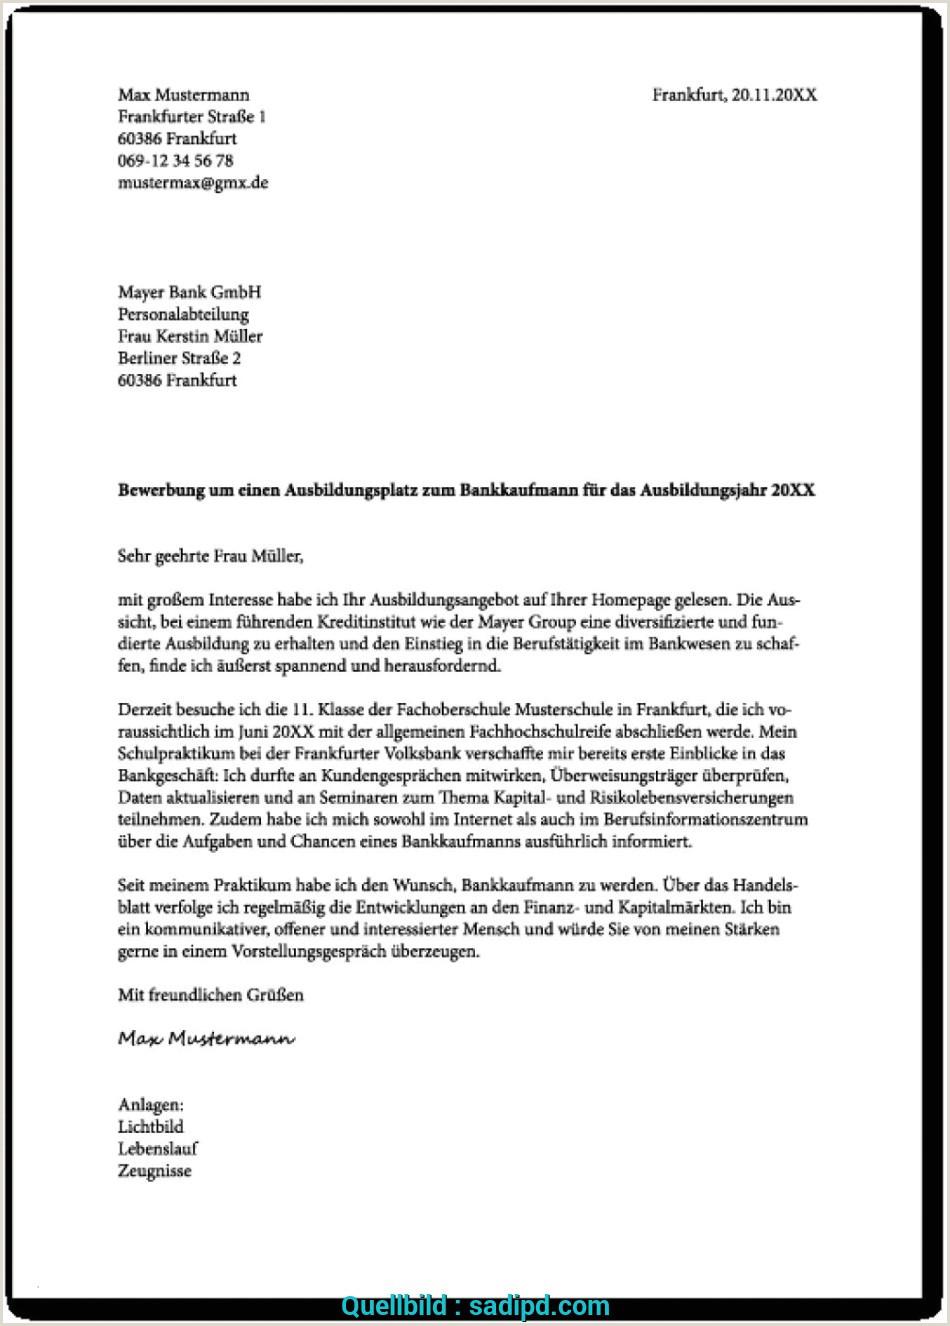 Lebenslauf Muster Lagerist Praktisch 20 Berliner Feuerwehr Bewerbung Sadipd